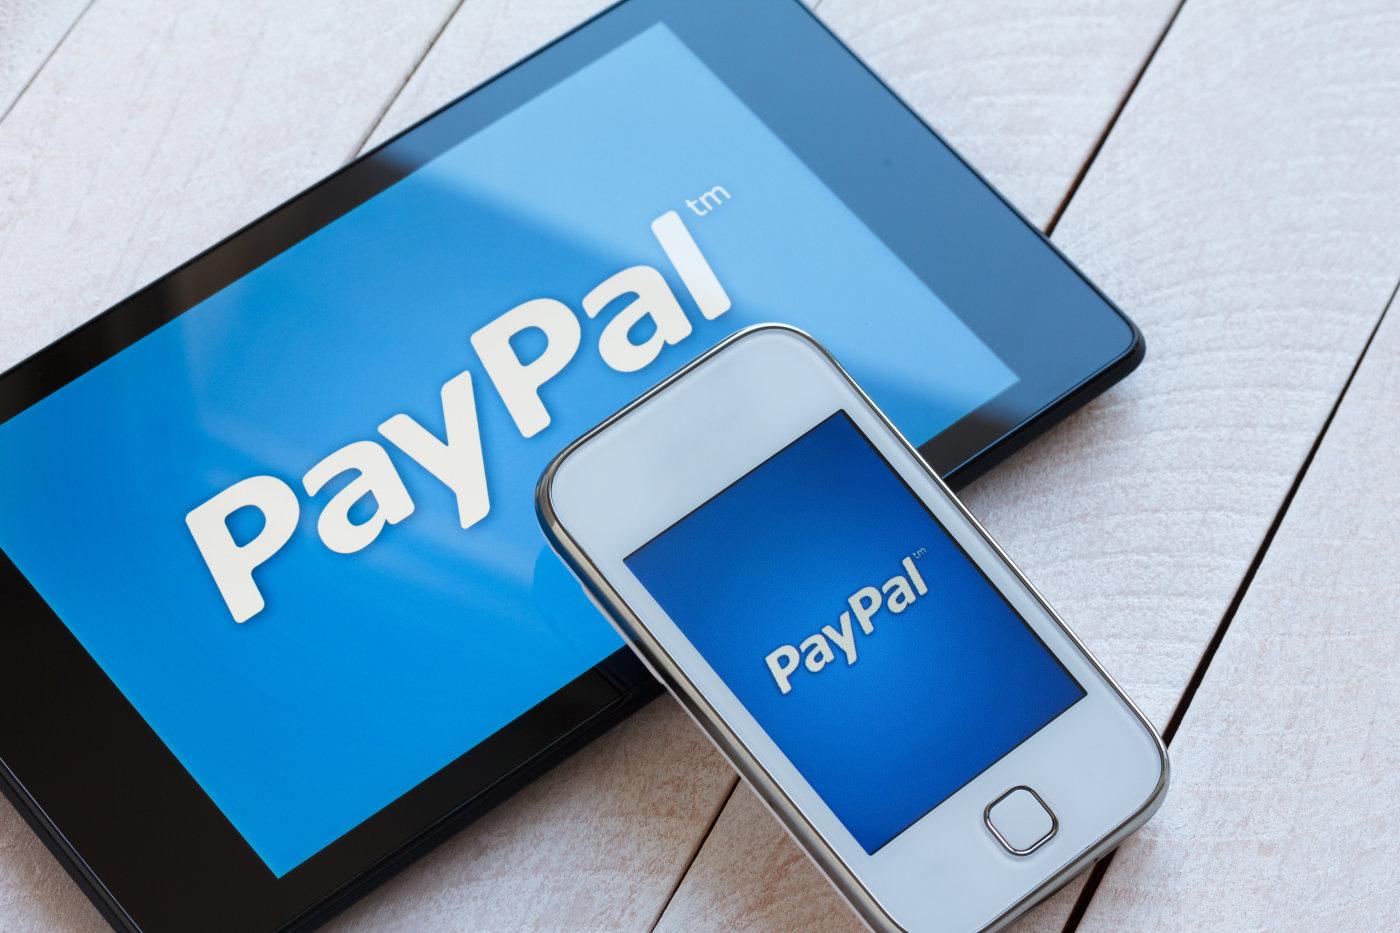 Paypal, la principal empresa utilizada para ataques de phishing